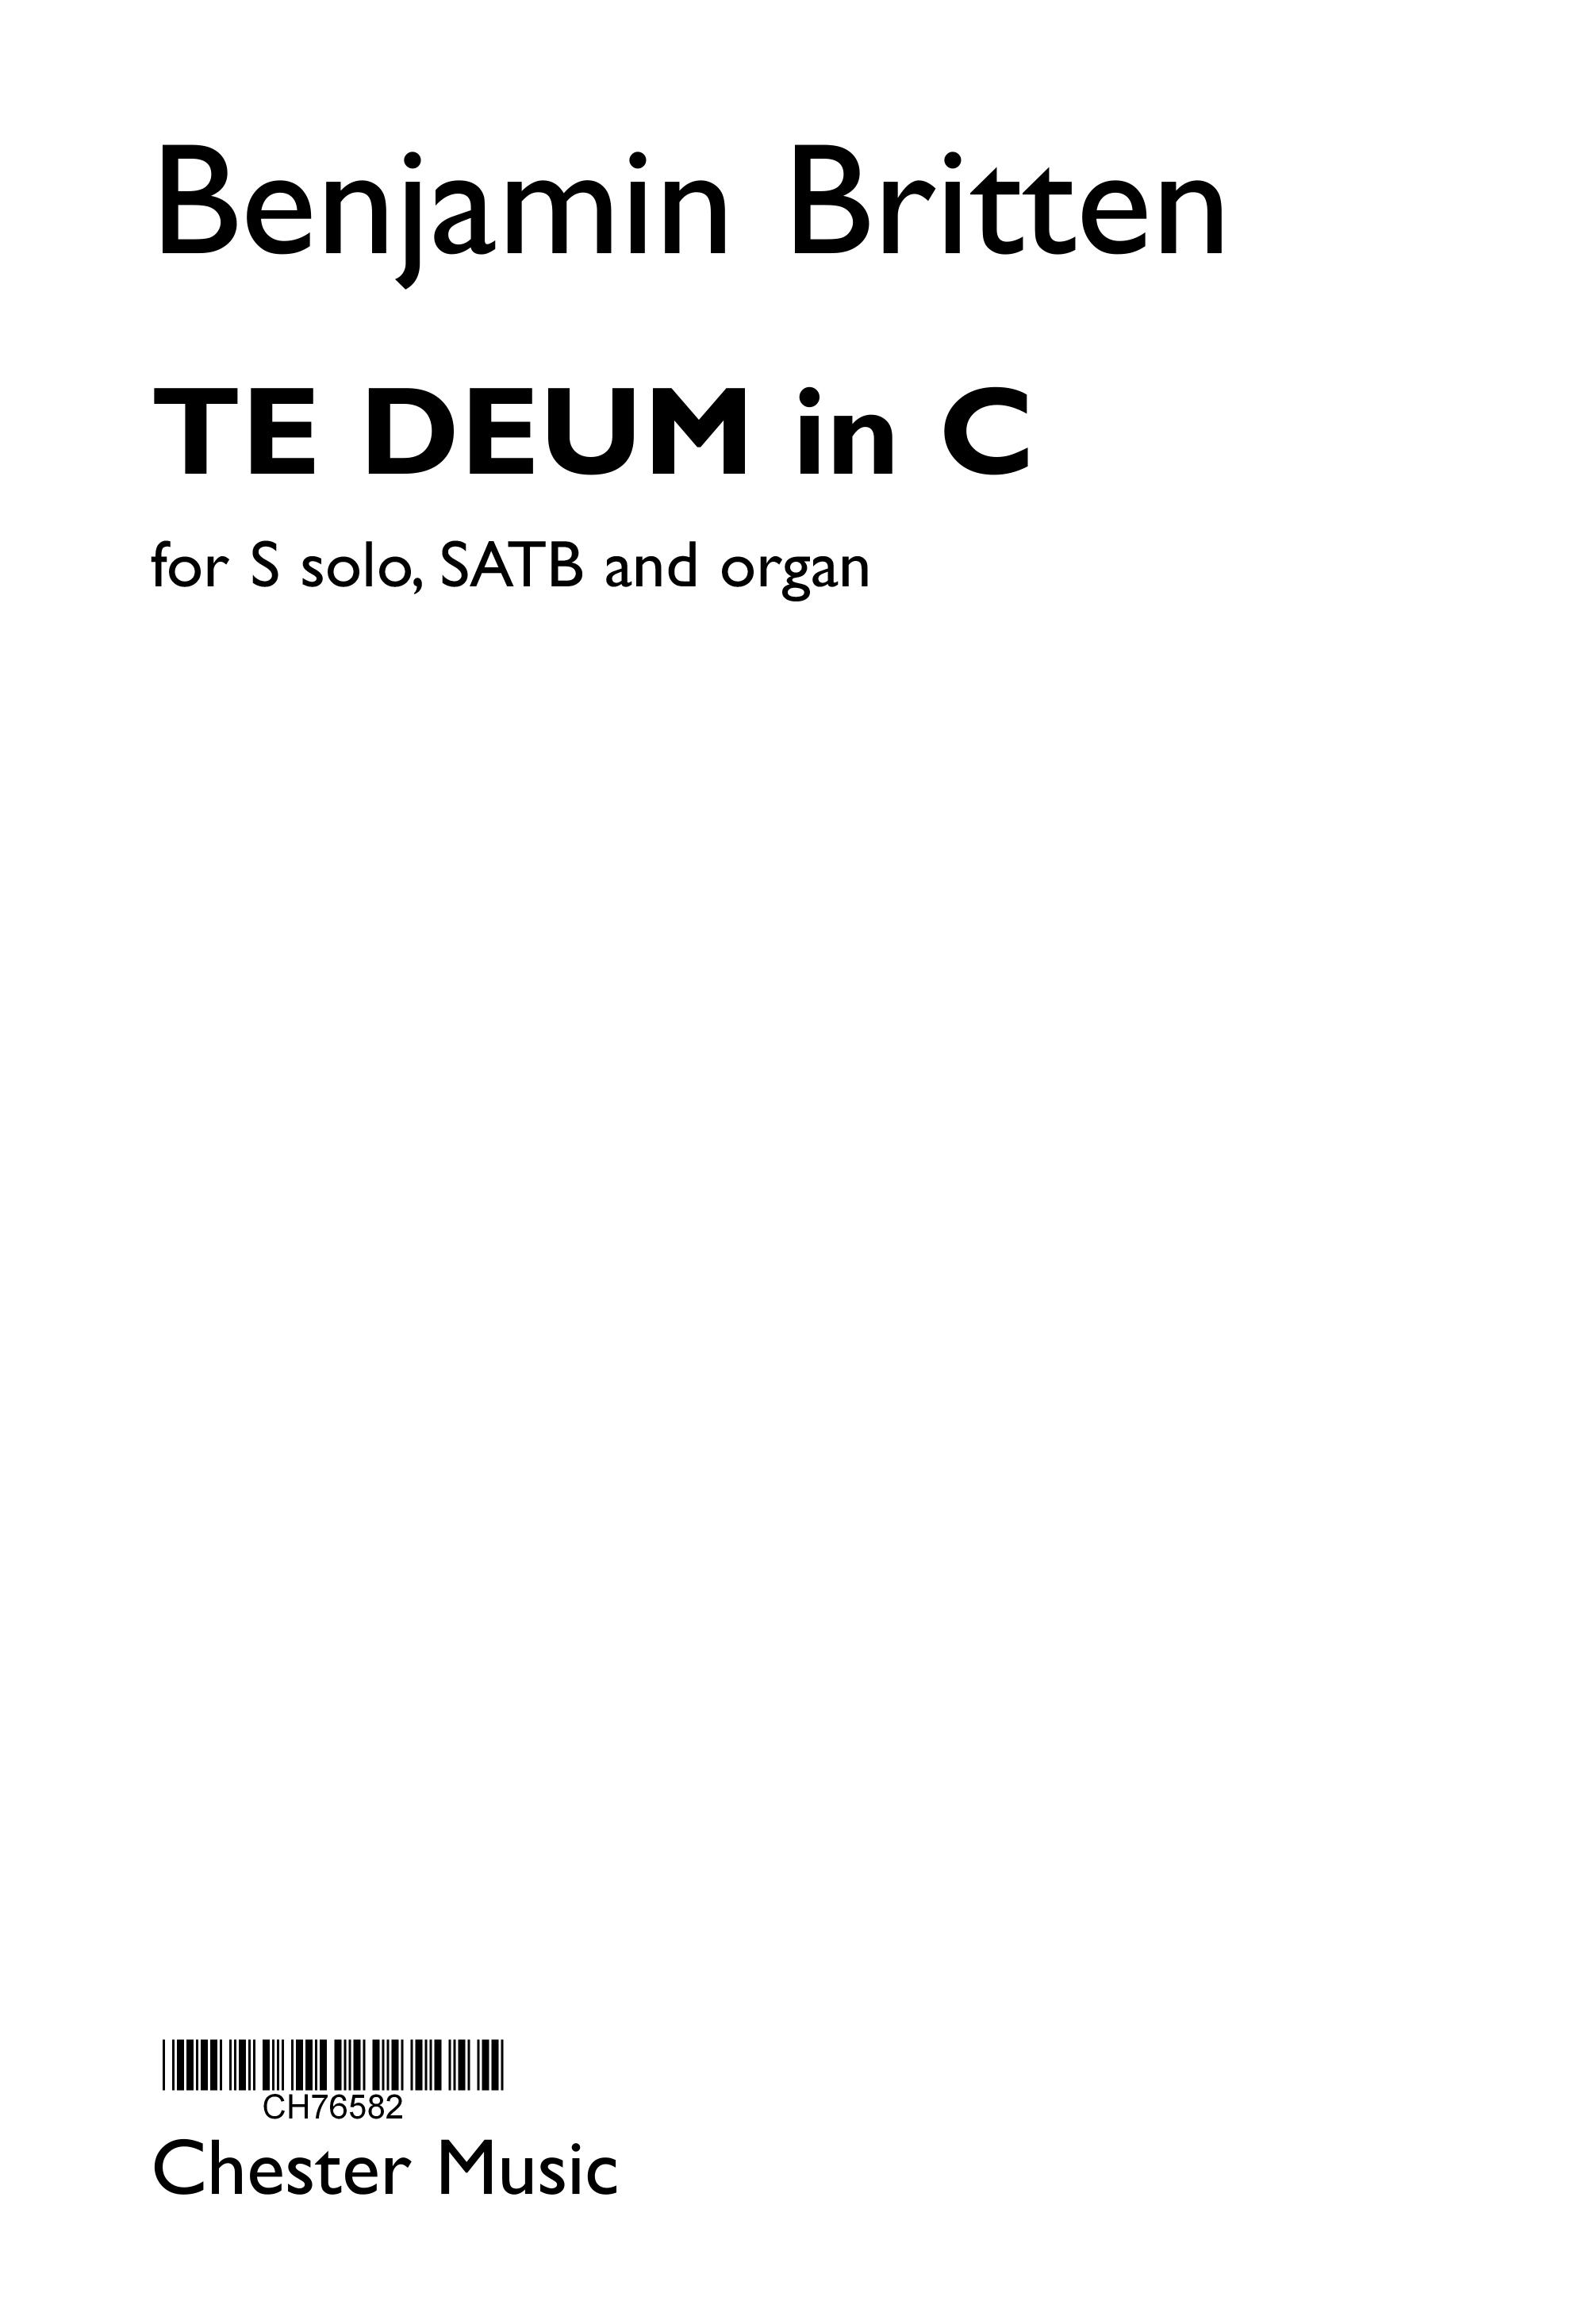 Benjamin Britten: Te Deum In C: Soprano & SATB: Vocal Score